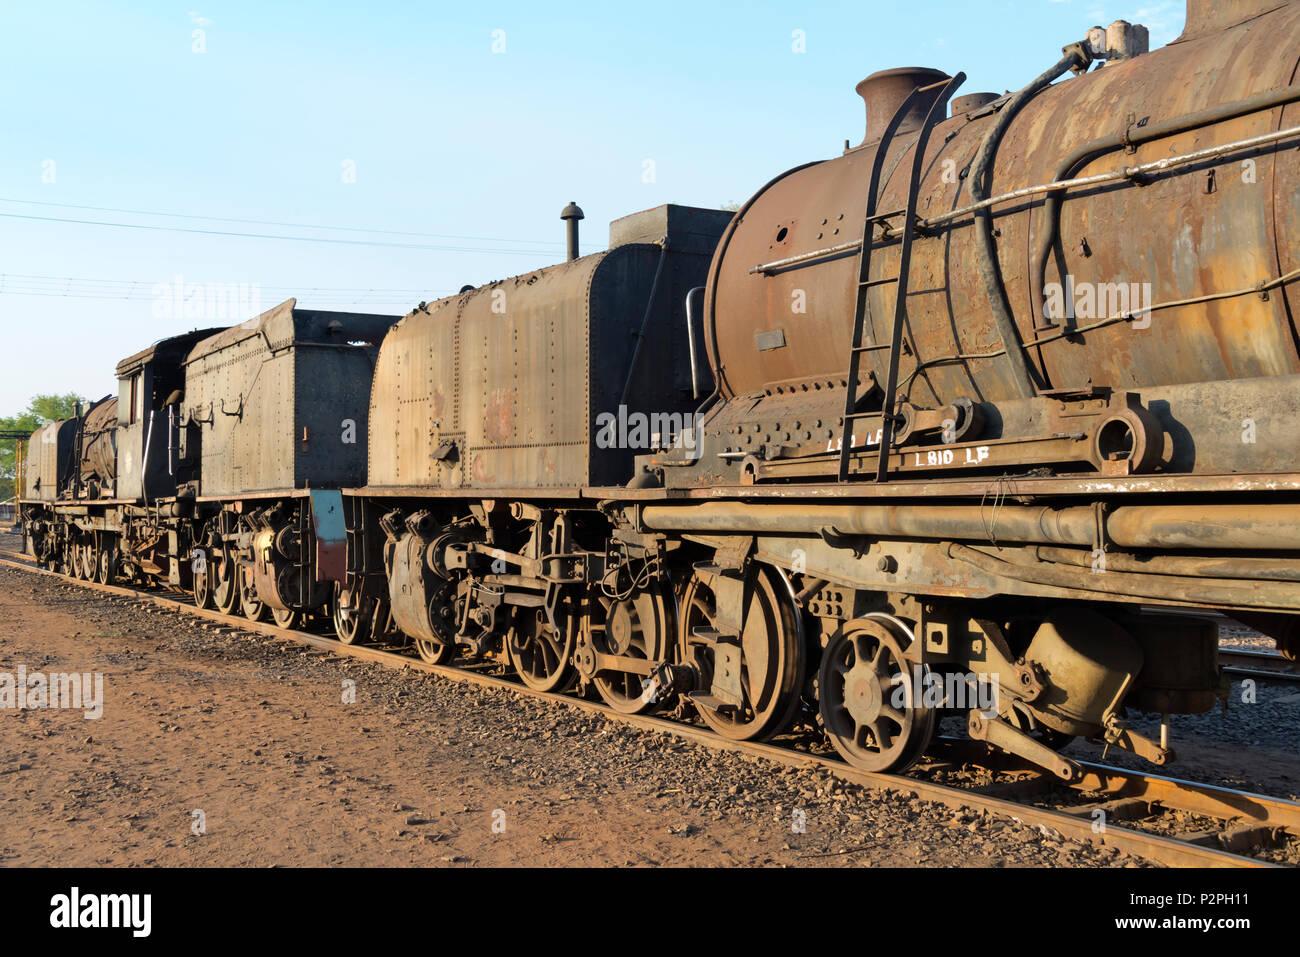 Deserted locomotive, Victoria Falls, Zimbabwe - Stock Image